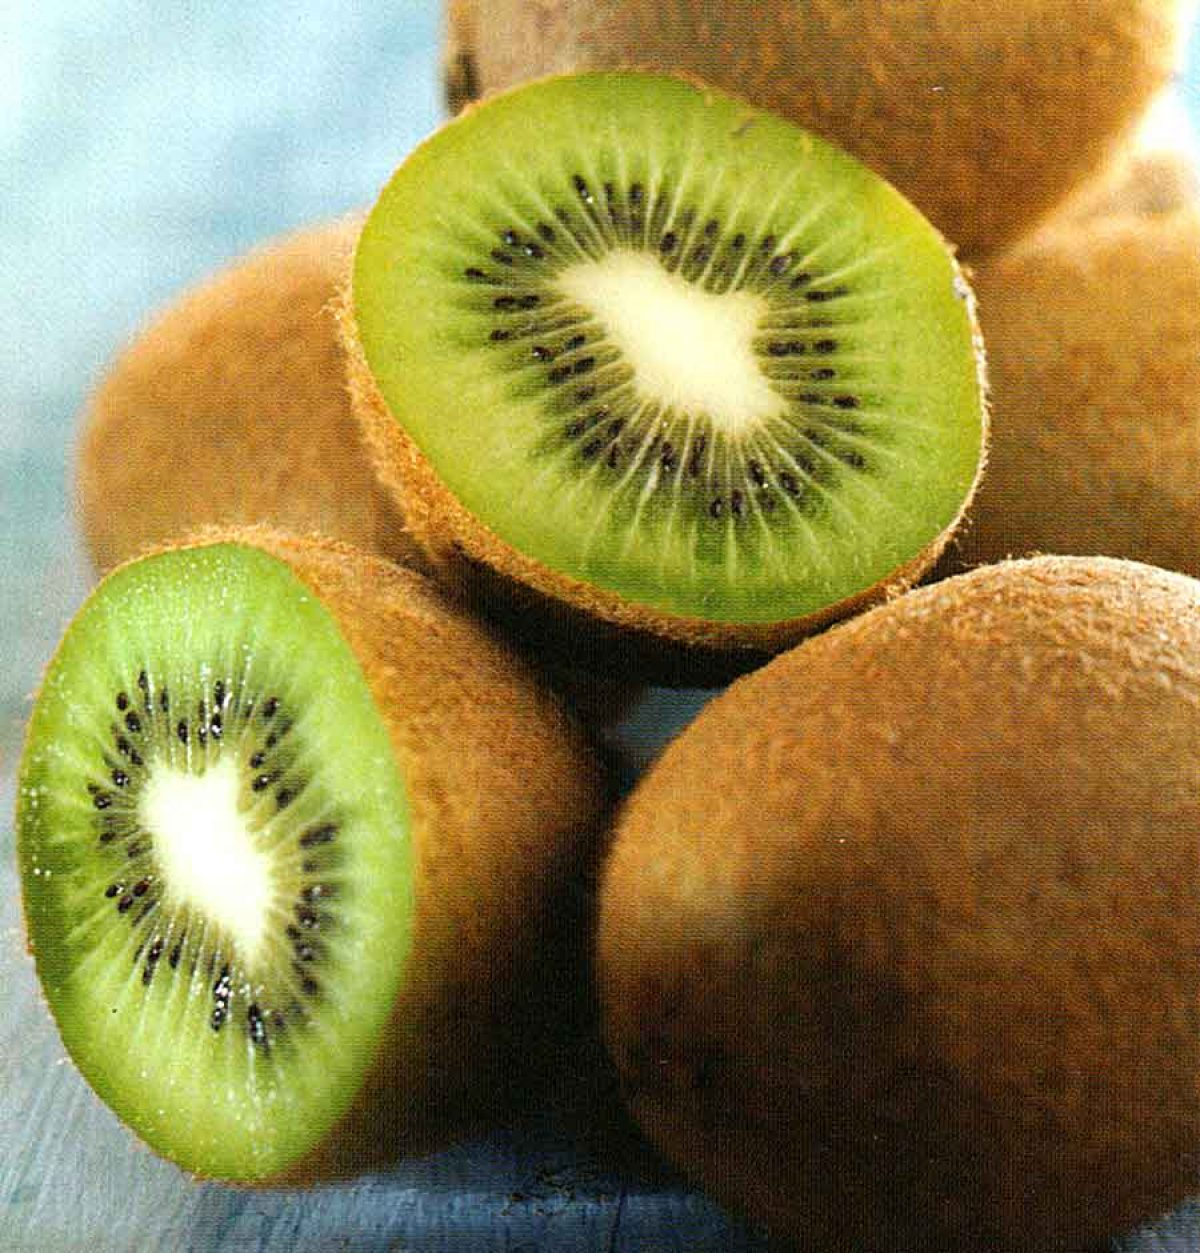 Image of Kiwi